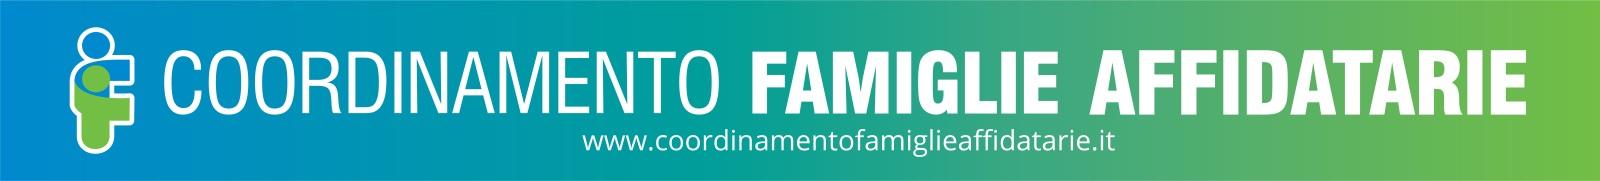 CFA: Promuovere e facilitare la realtà dell'AFFIDO FAMILIARE